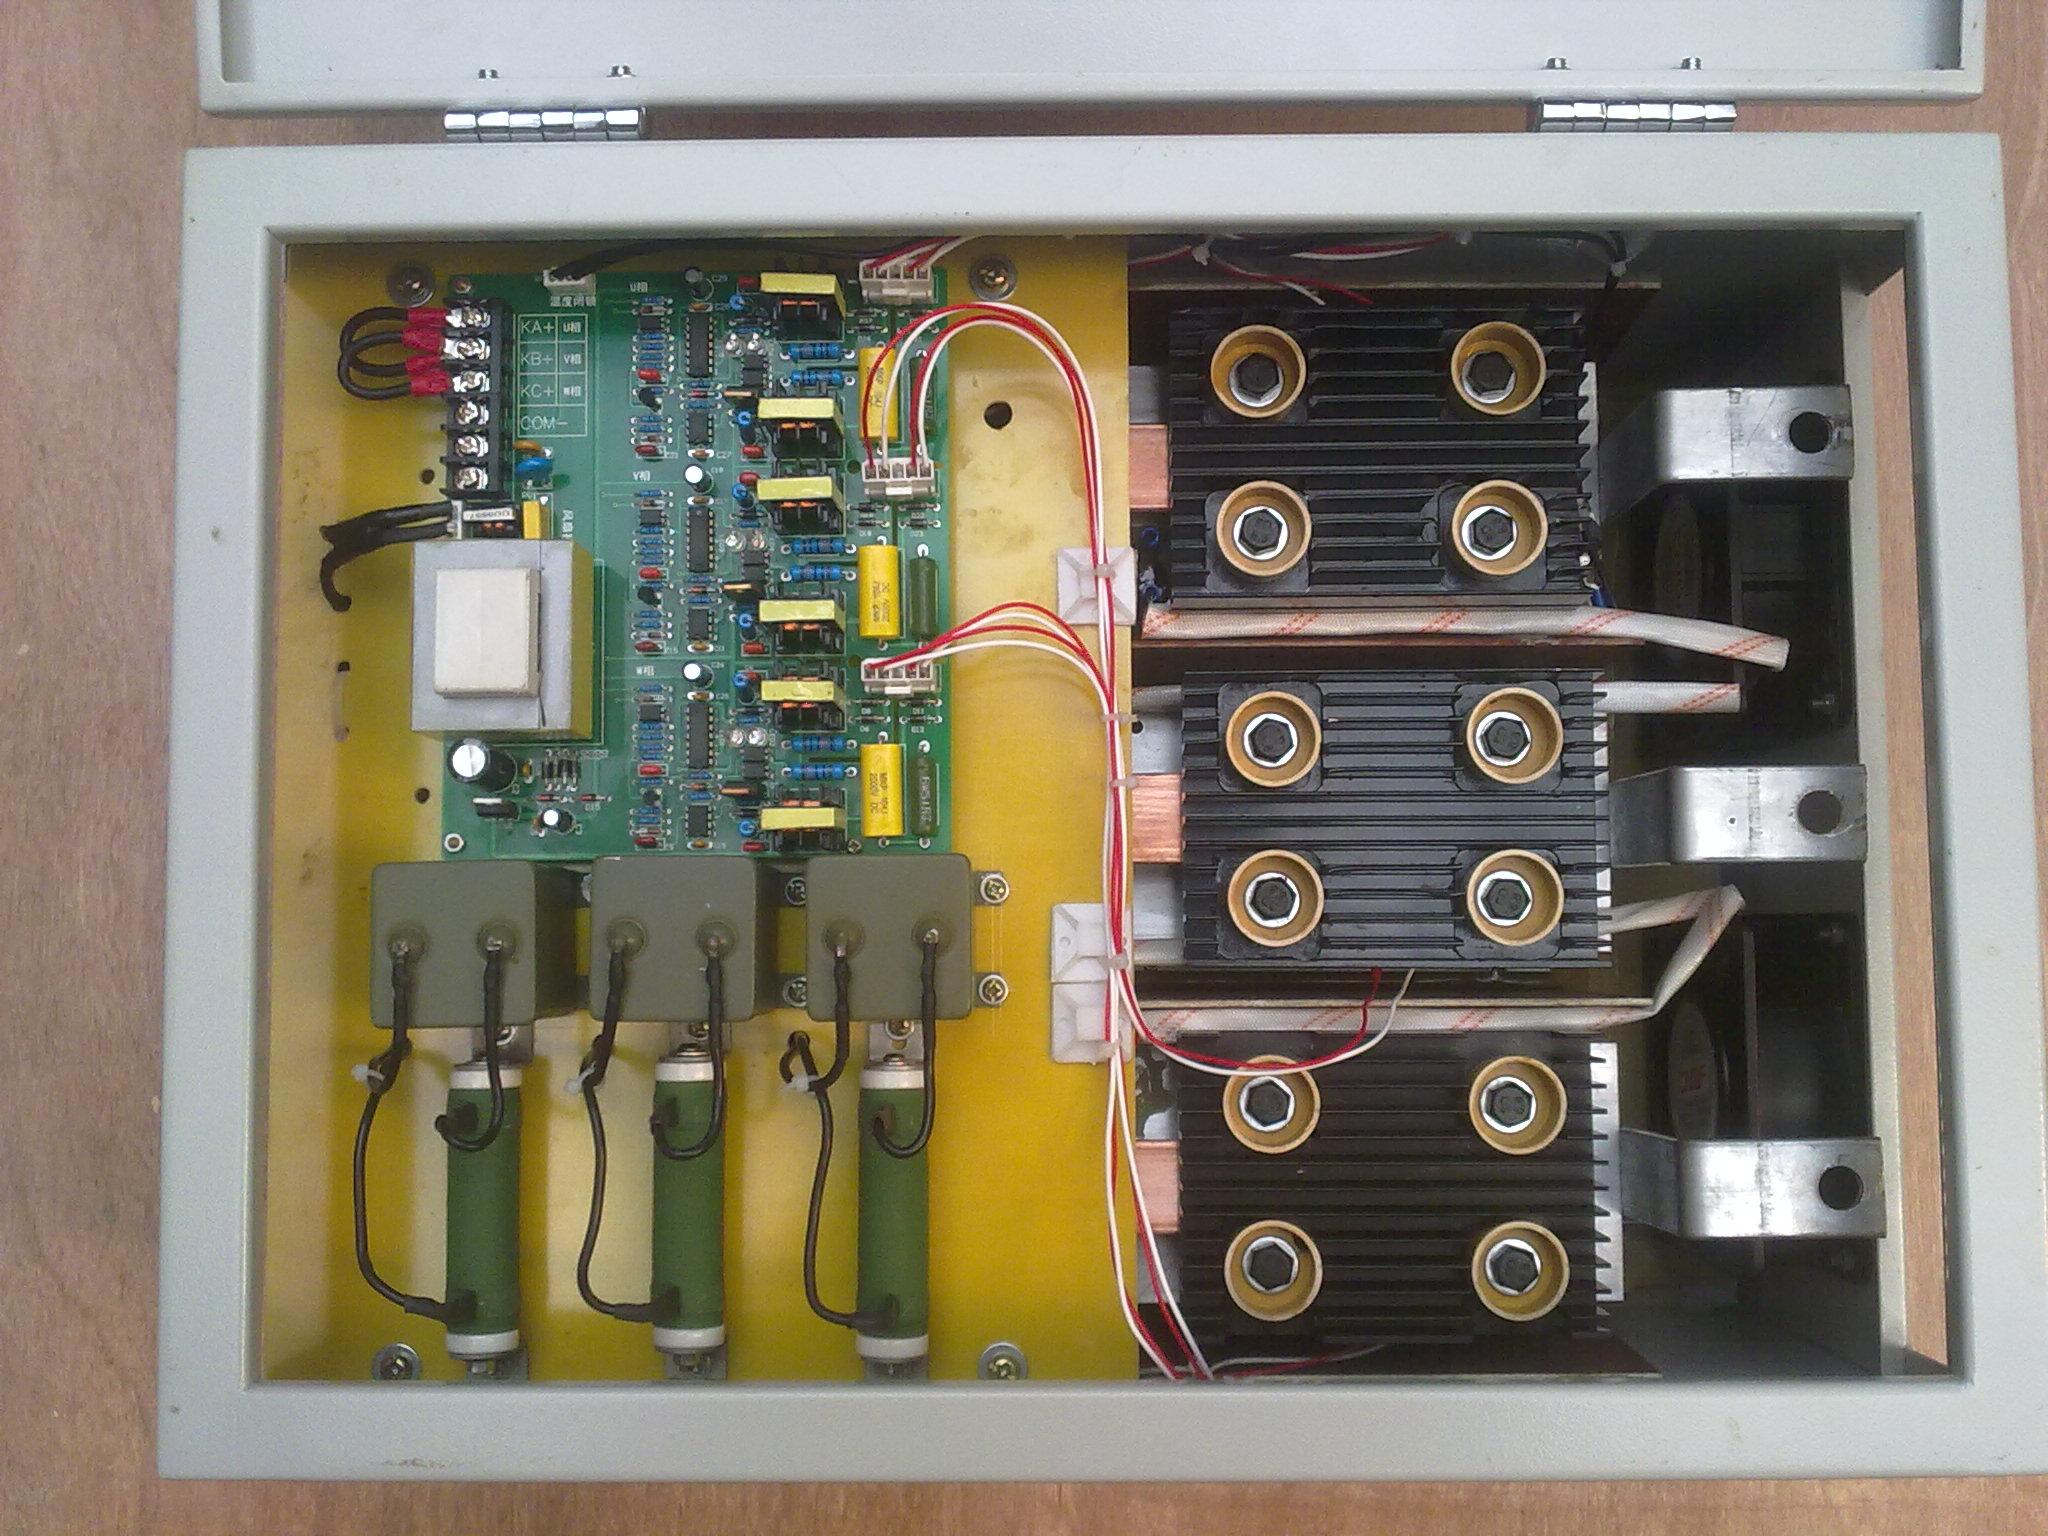 一、概述 KF-KG系列大功率无触点开关是一种智能化的控制执行部件,被广泛用于电容器组、L-C滤波器组的快速频繁投切。特别适合一些负荷变化快、波动频繁、要求比较高的现  该产品是无机械触点的电子开关,可跟踪负载电流变化,对电力电容器组采用过零快速投切,具有投入无涌流、切除无过压、无电弧重燃、无噪音、响应时间快、使用寿命长、维修量 善捣蓖肚械忍氐恪2揖弑腹?